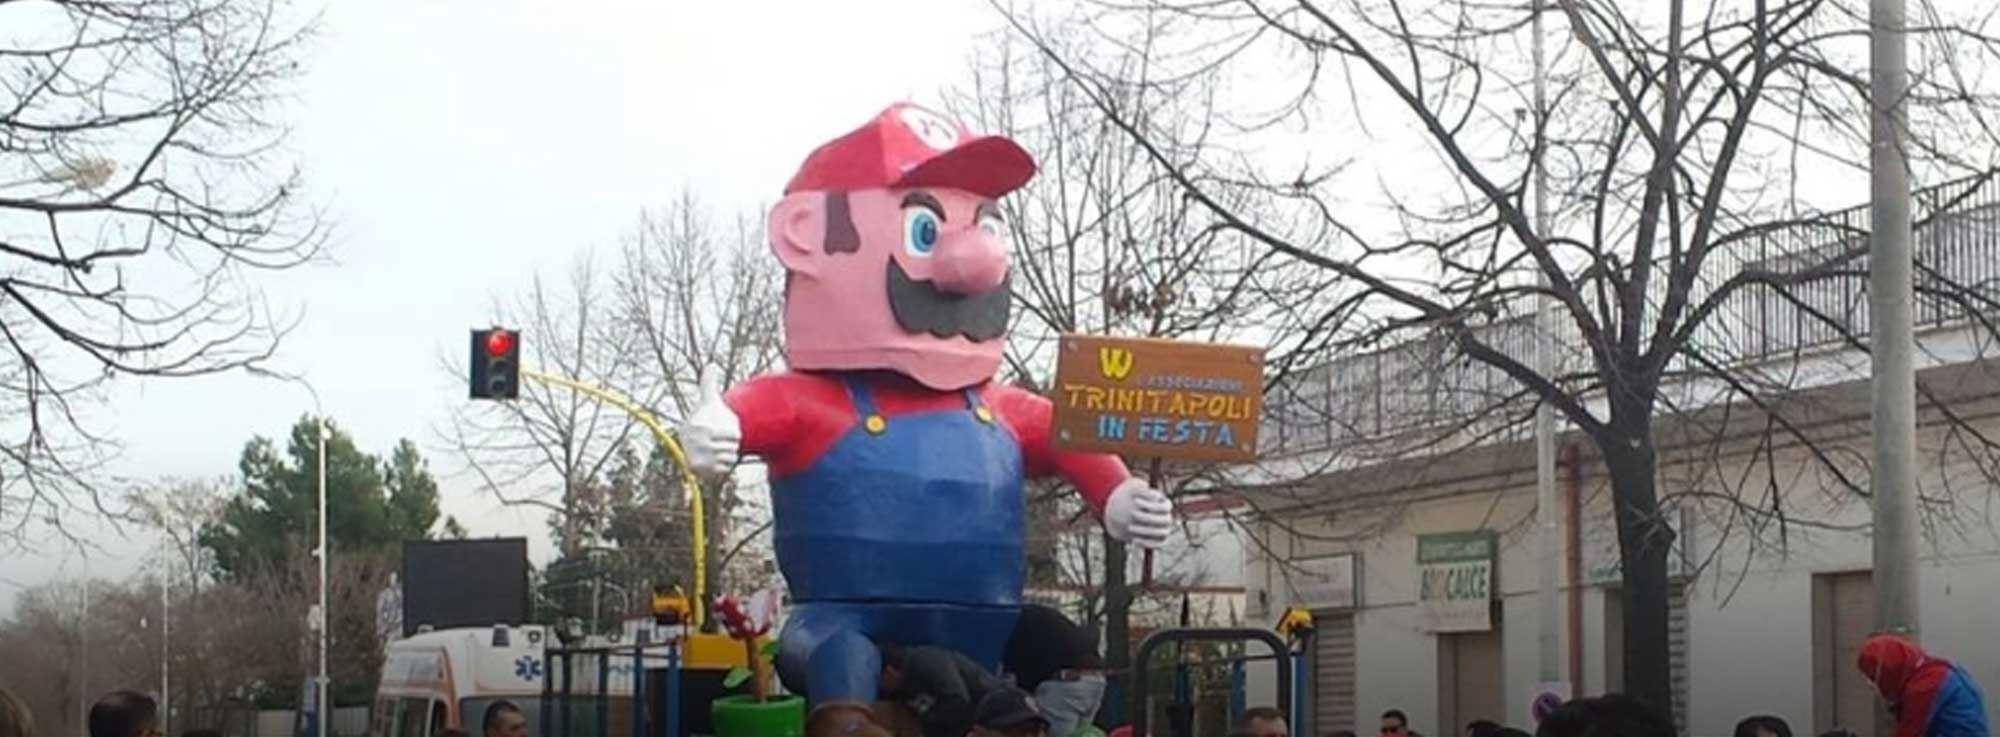 Trinitapoli: Carnevale in Piazza